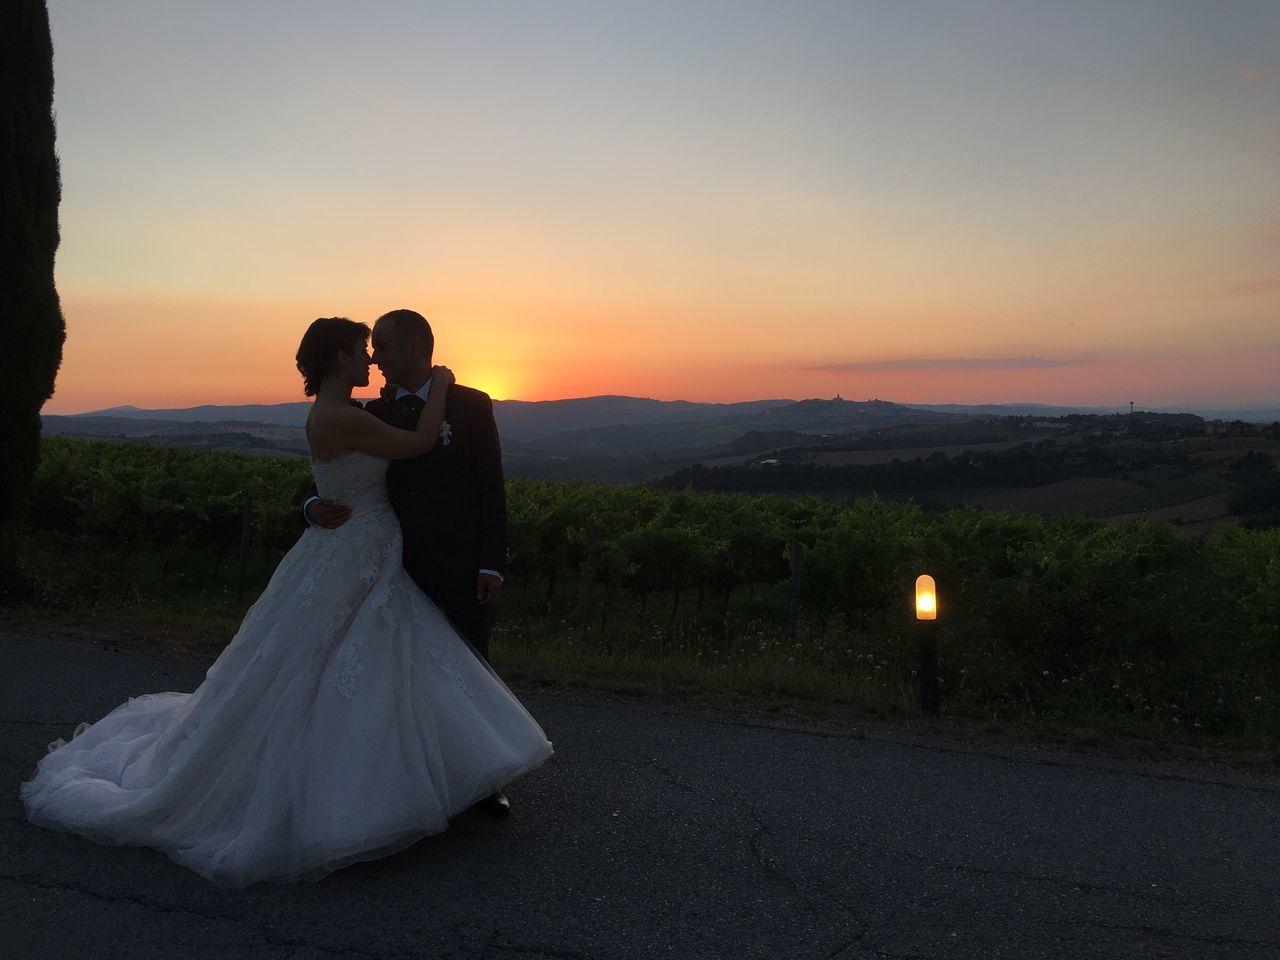 Wedding In Todi Wedding Todi Todi  Umbria, Italy Sunset